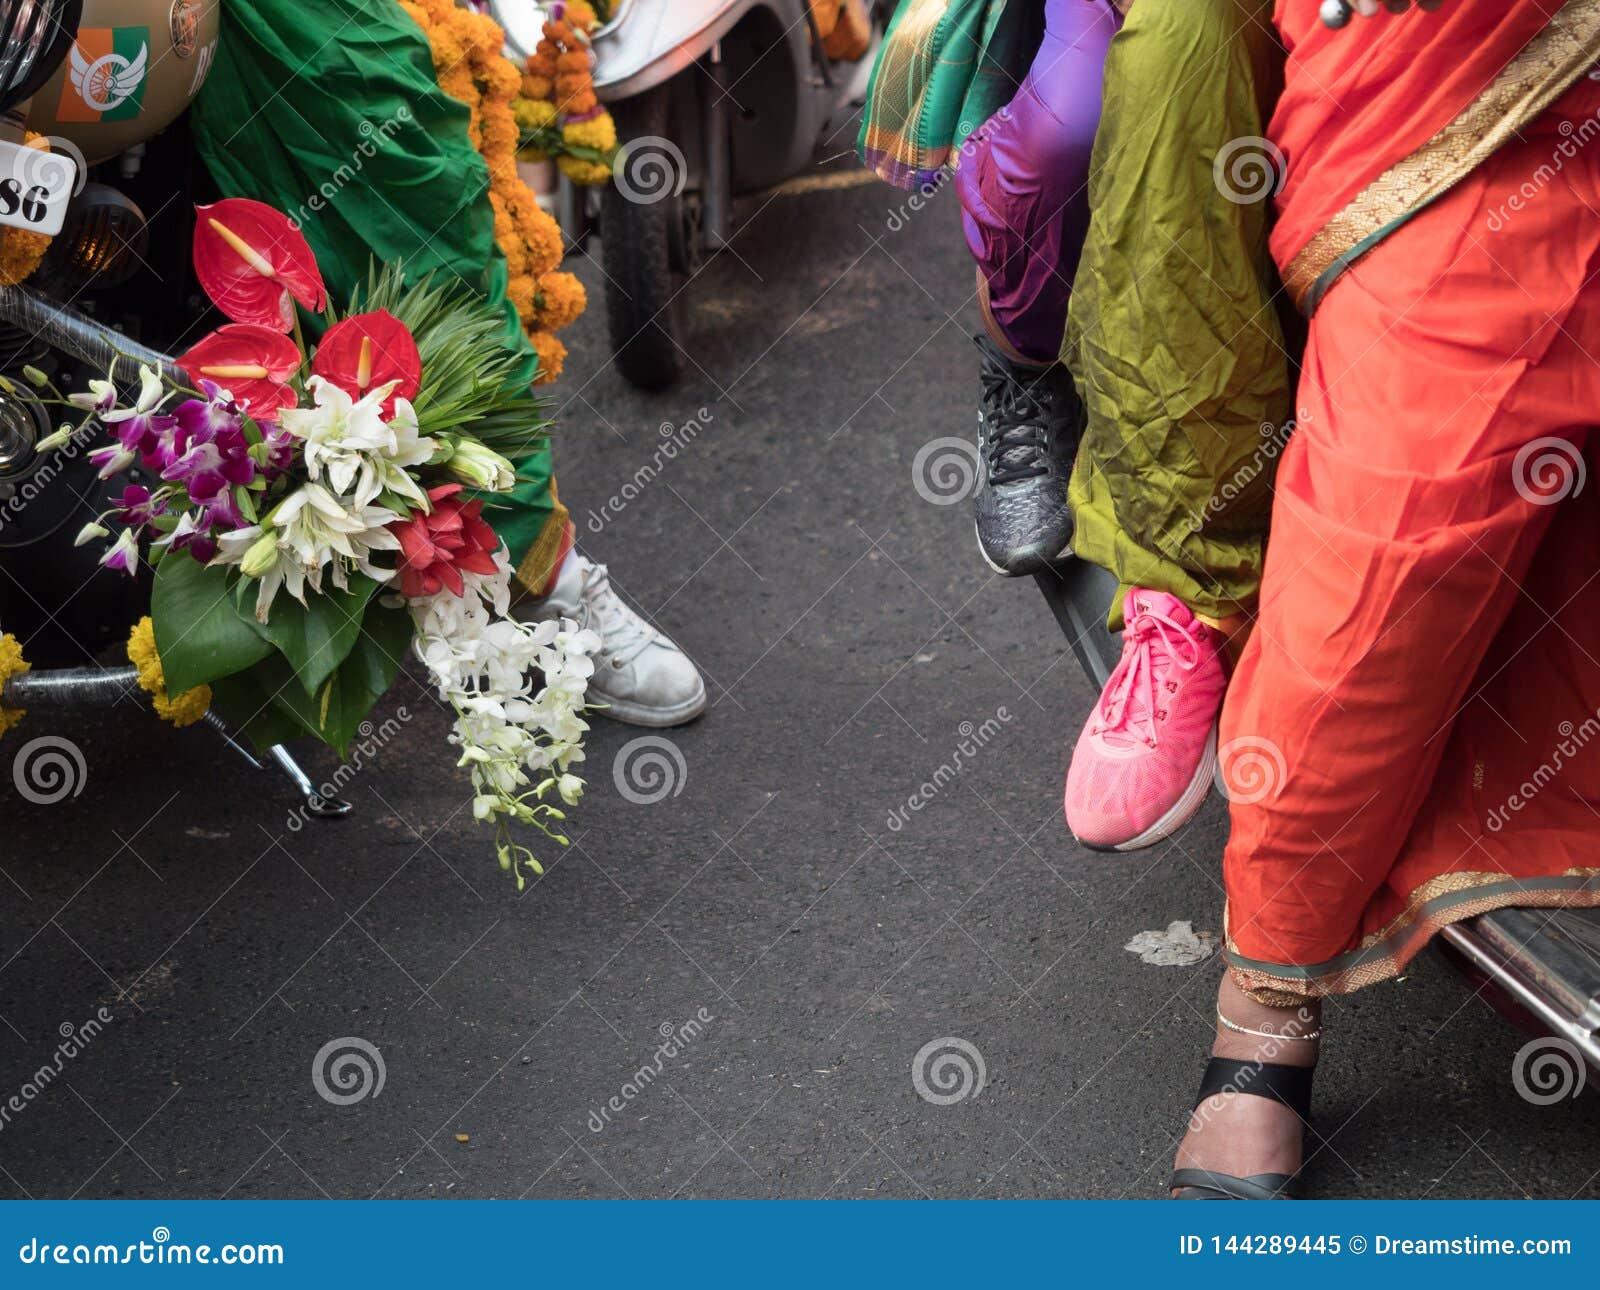 Vestidos tradicionales llevados por las señoras para acoger con satisfacción Año Nuevo HINDÚ